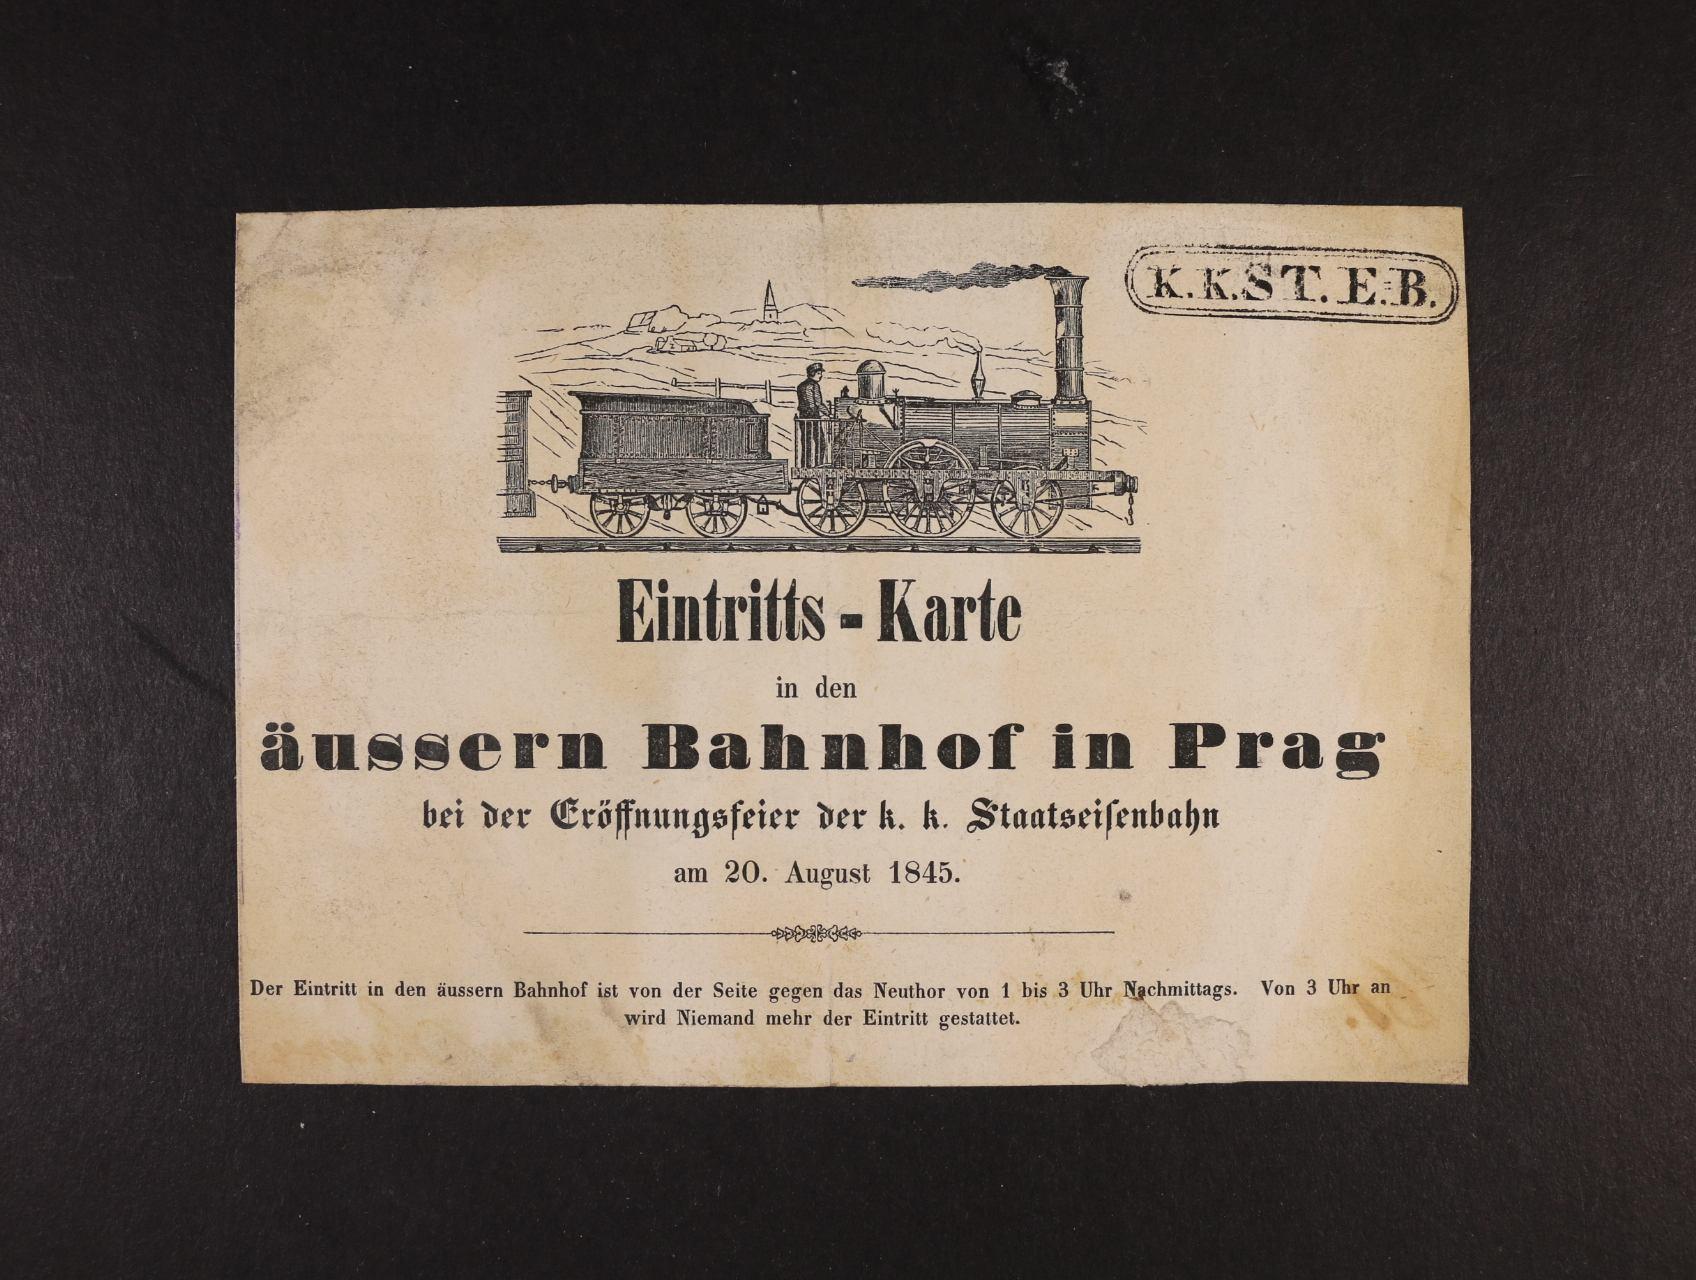 vstupenka na ceremoniál otevření státní dráhy v Praze 20.srpna 1845, zajímavé, vzácné